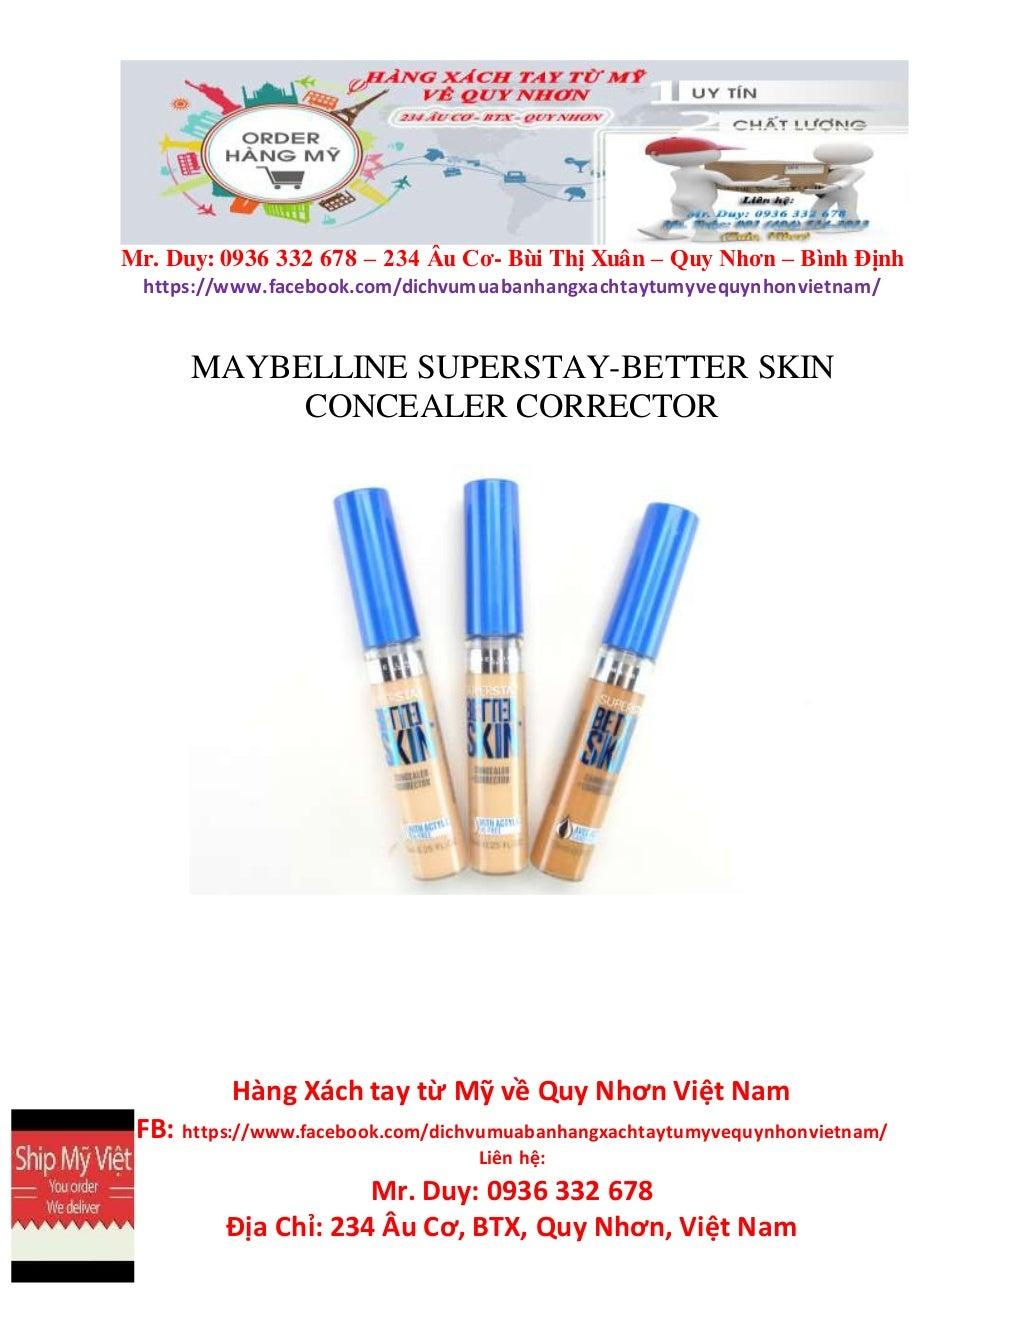 Công ty order thuốc bổ xách tay về Quy Nhơn giá rẻ nhất - Magazine cover